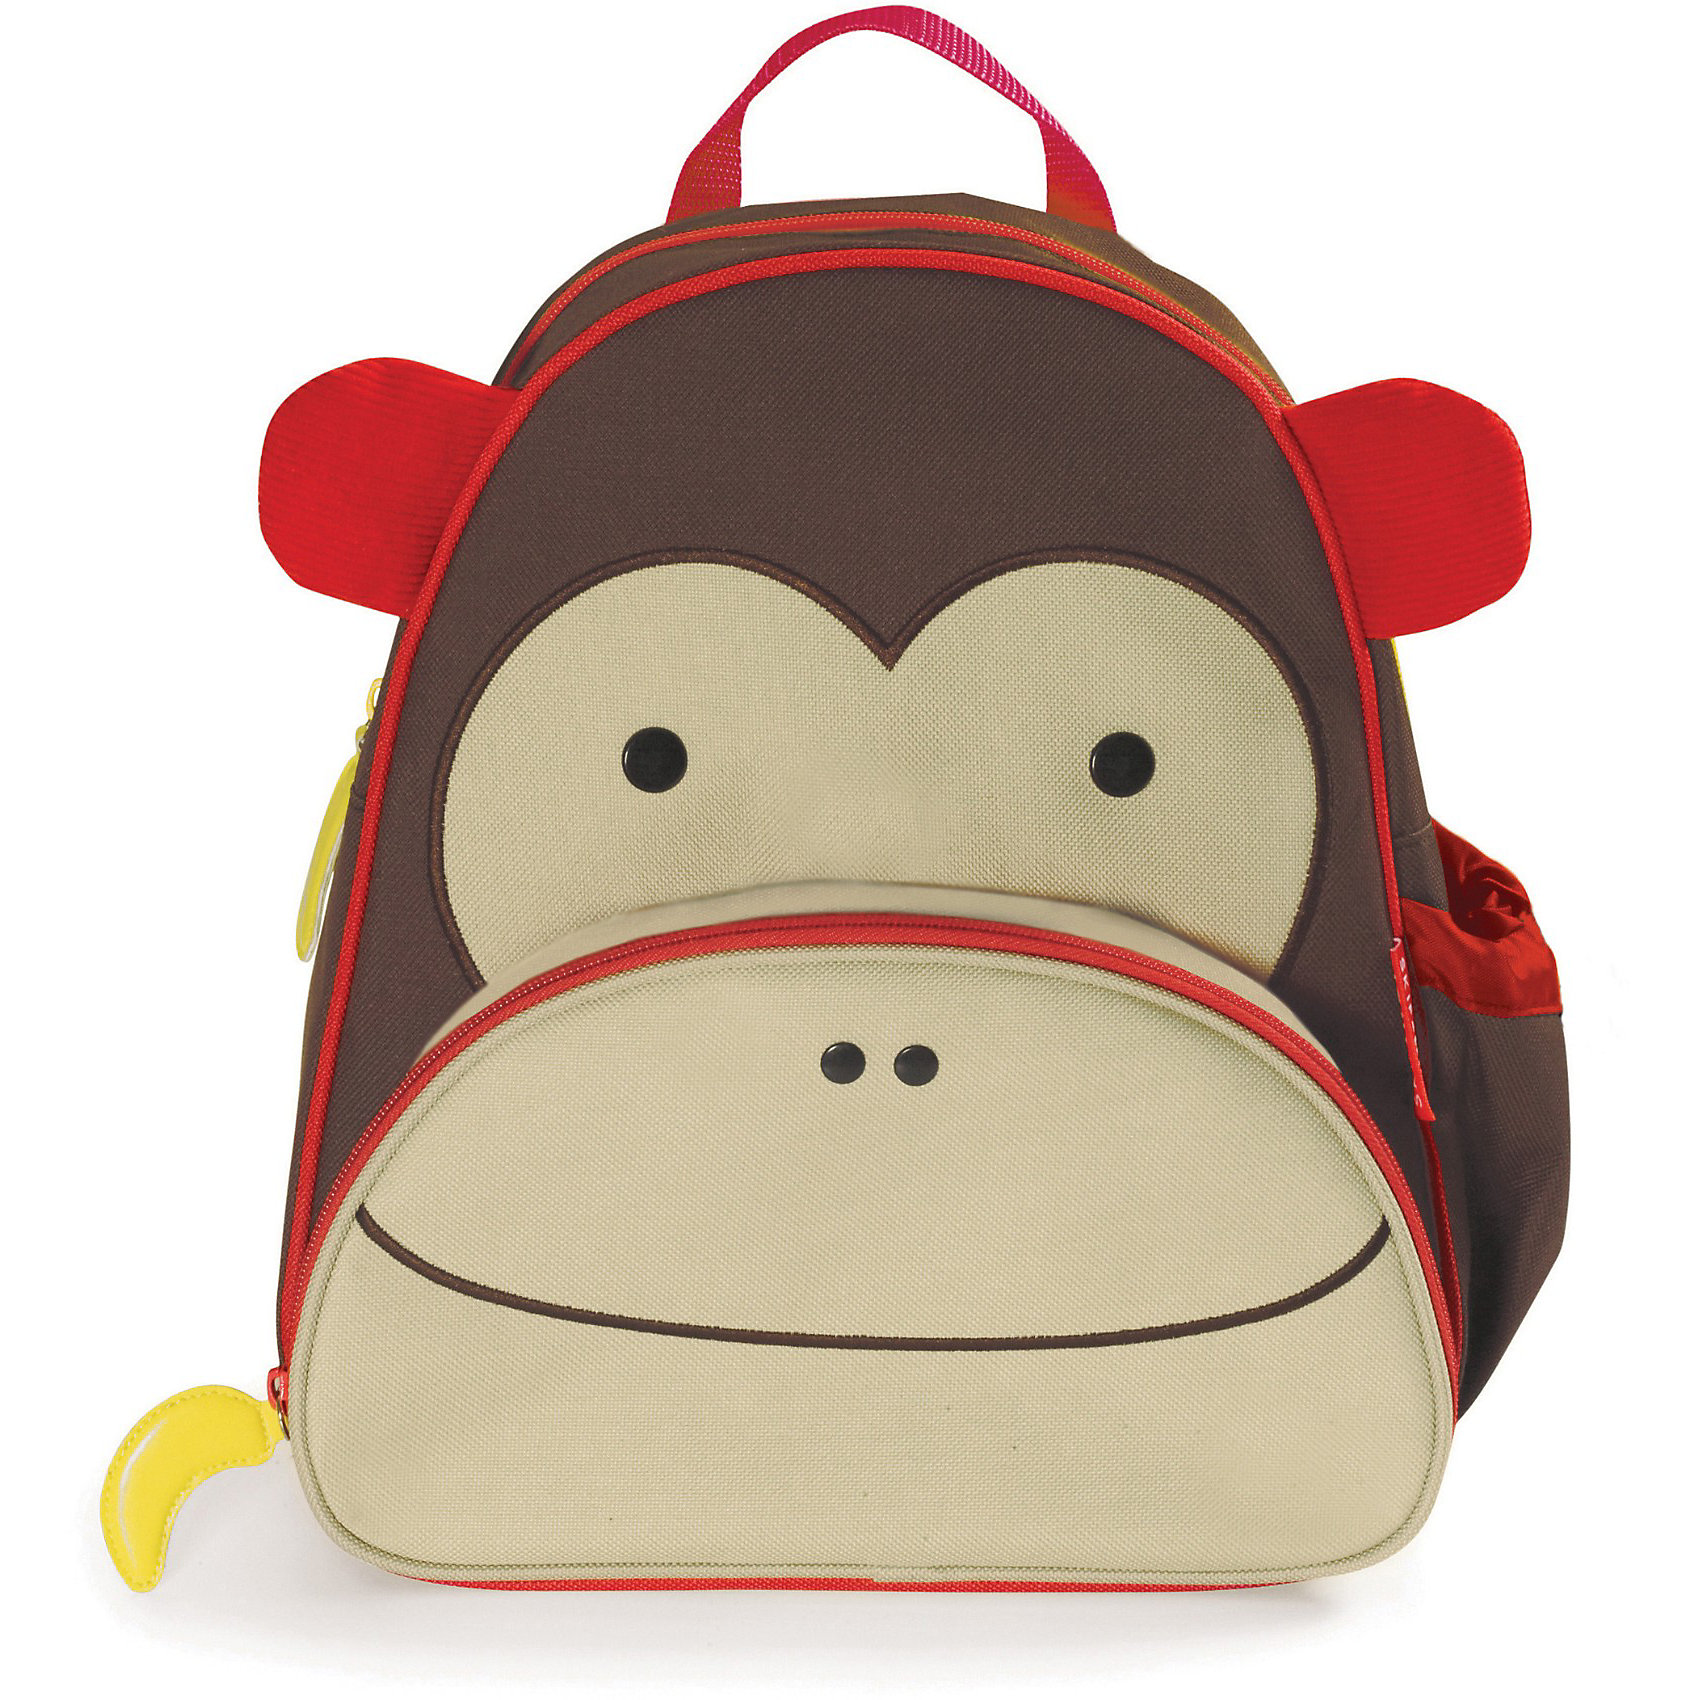 Рюкзак детский Обезьяна, Skip HopДетские рюкзаки<br>Характеристики товара:<br><br>• возраст от 3 лет;<br>• материал: полиэстер;<br>• размер рюкзака 25х29х11 см;<br>• вес рюкзака 270 гр.;<br>• страна производитель: Китай.<br><br>Рюкзак детский «Обезьяна» Skip Hop выполнен в виде забавной обезьянки с глазками и ушками. На молниях висят брелки в виде банана. Ребенок сможет брать с собой все необходимое на прогулку, в детский садик, в гости, на дачу. В основном отделении поместятся тетради, альбомы, блокноты, карандаши, фломастеры. Спереди кармашек для дополнительных мелочей, а сбоку для бутылочки с напитком или бокса для еды. <br><br>Мягкие регулируемые лямки обеспечивают комфортное ношение. Предусмотрена небольшая ручка для переноски в руках или подвешивания. Рюкзак выполнен из прочной качественной ткани. Его можно стирать в стиральной машине.<br><br>Рюкзак детский «Обезьяна» Skip Hop можно приобрести в нашем интернет-магазине.<br><br>Ширина мм: 329<br>Глубина мм: 294<br>Высота мм: 63<br>Вес г: 291<br>Цвет: коричневый<br>Возраст от месяцев: 24<br>Возраст до месяцев: 60<br>Пол: Унисекс<br>Возраст: Детский<br>SKU: 3688430